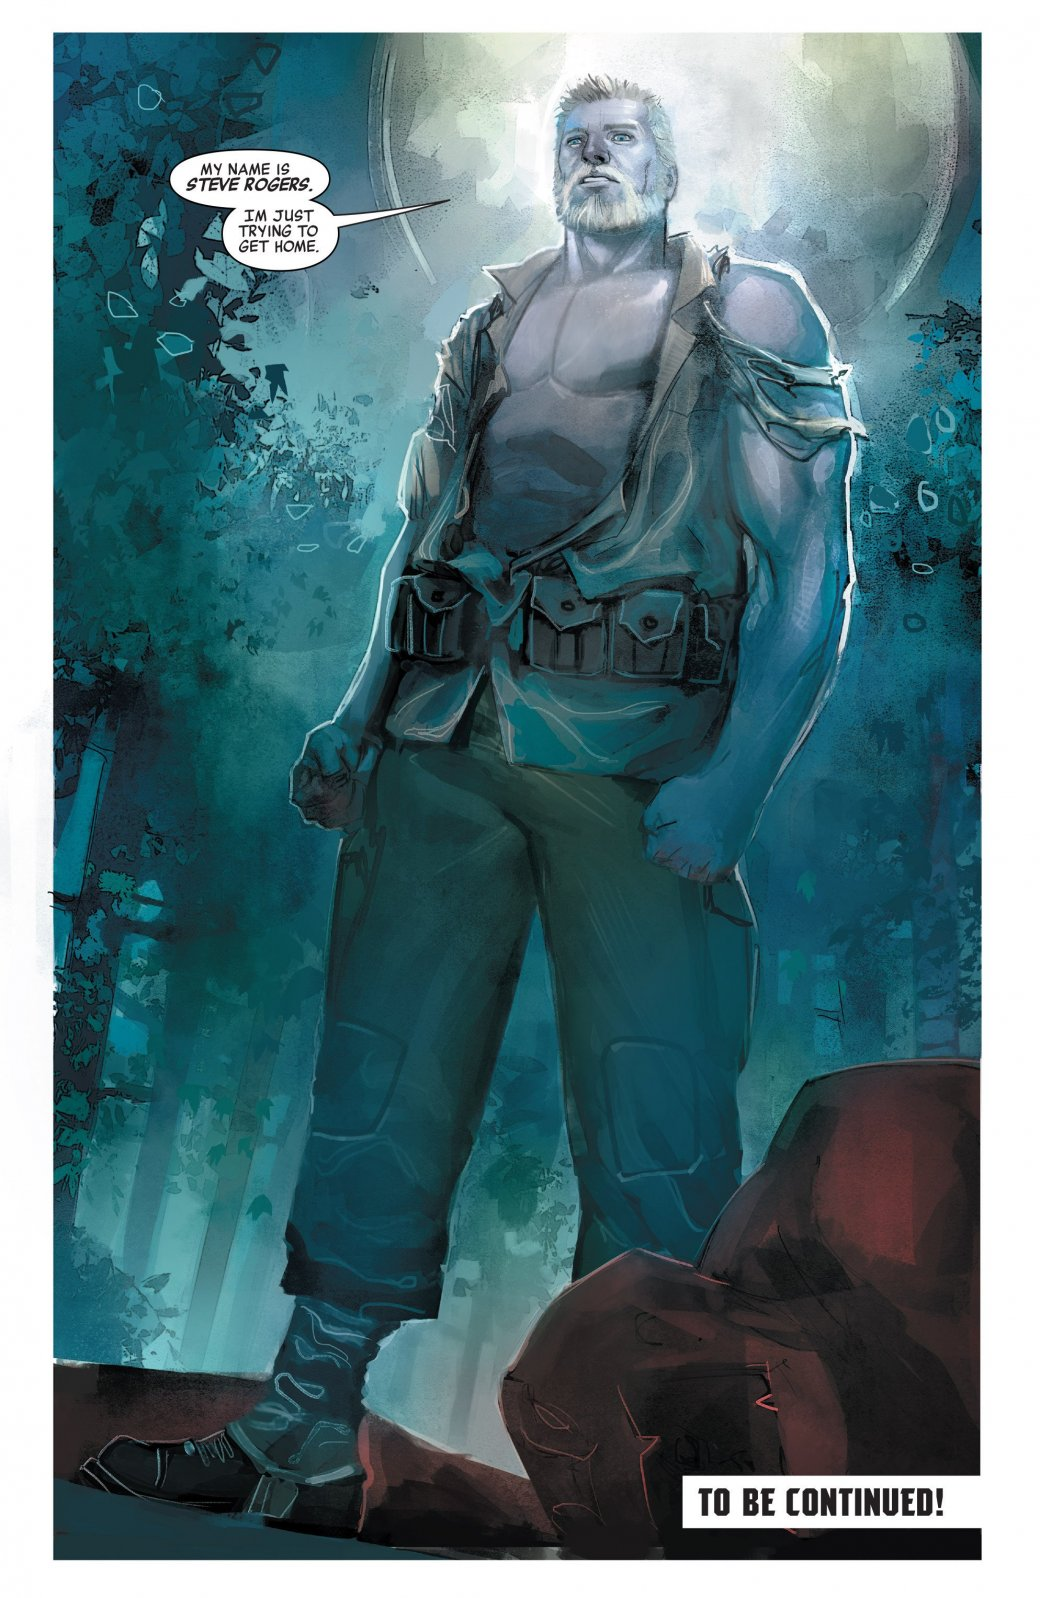 Secret Empire: Гидра сломала супергероев, и теперь они готовы убивать   Канобу - Изображение 23